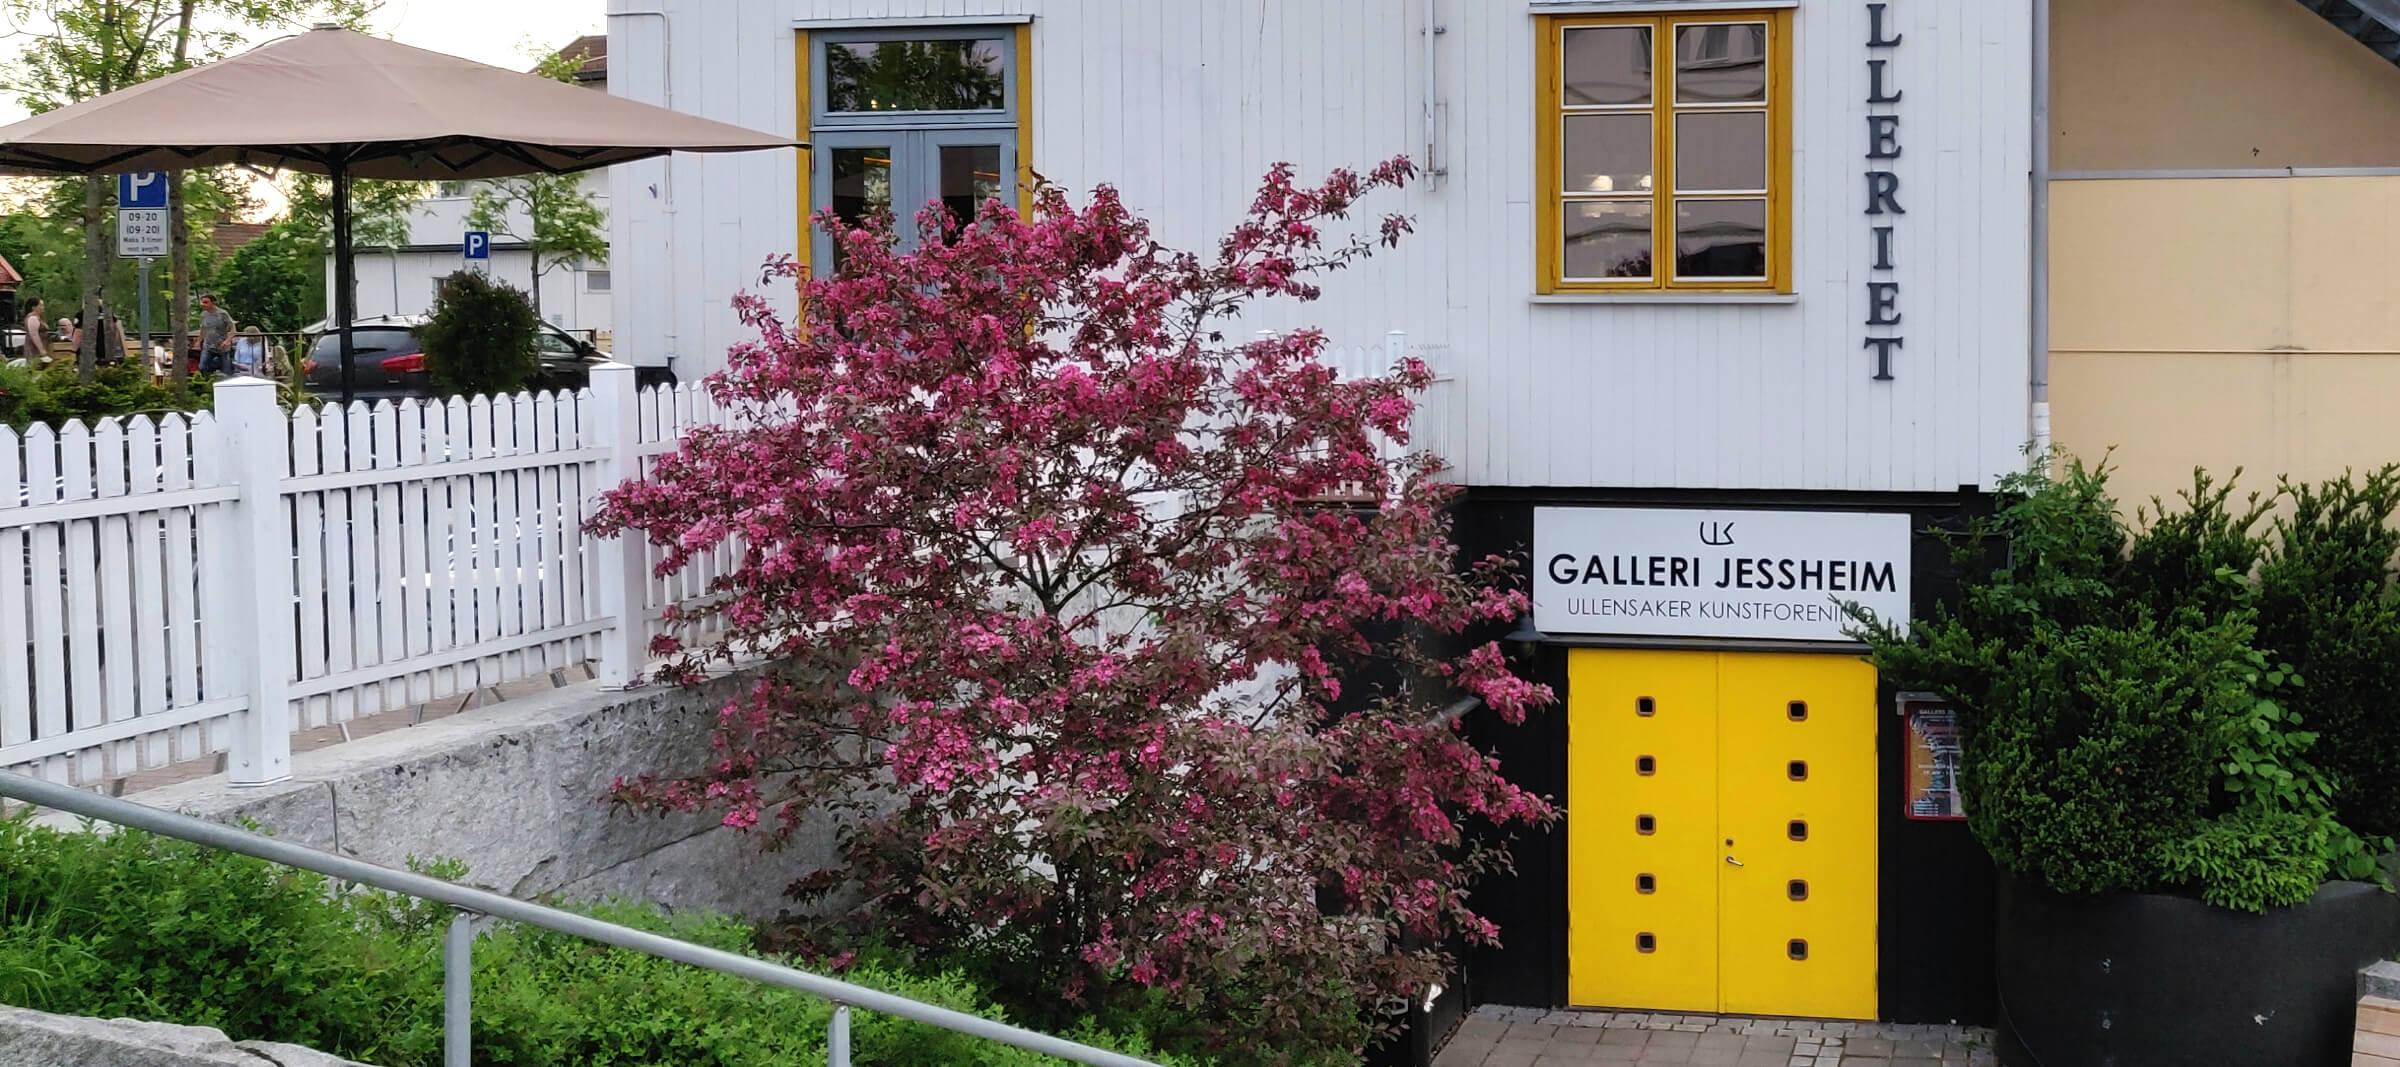 Galleri Jessheim